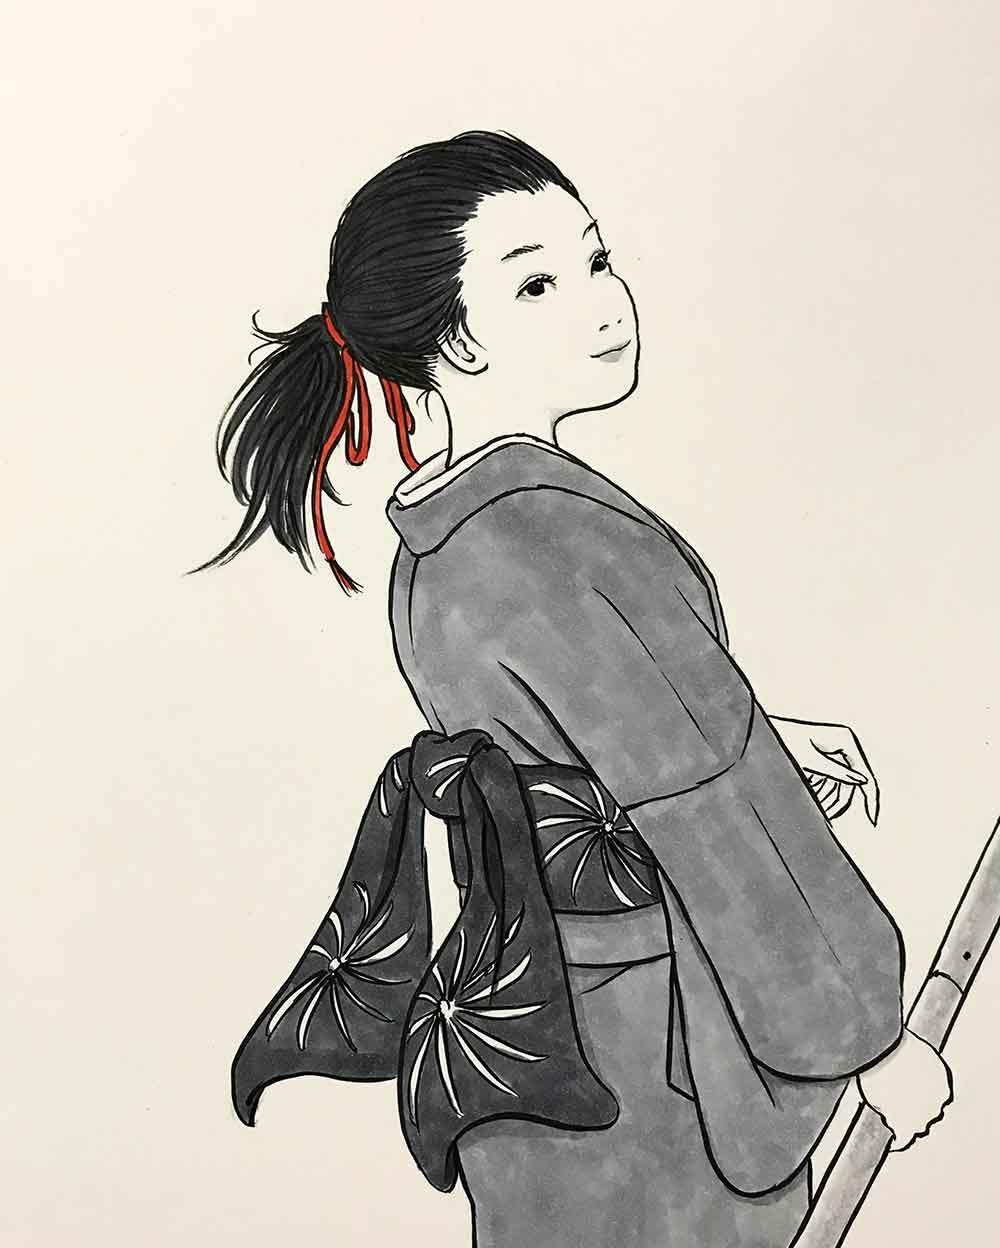 刀を持つ女 KATANA